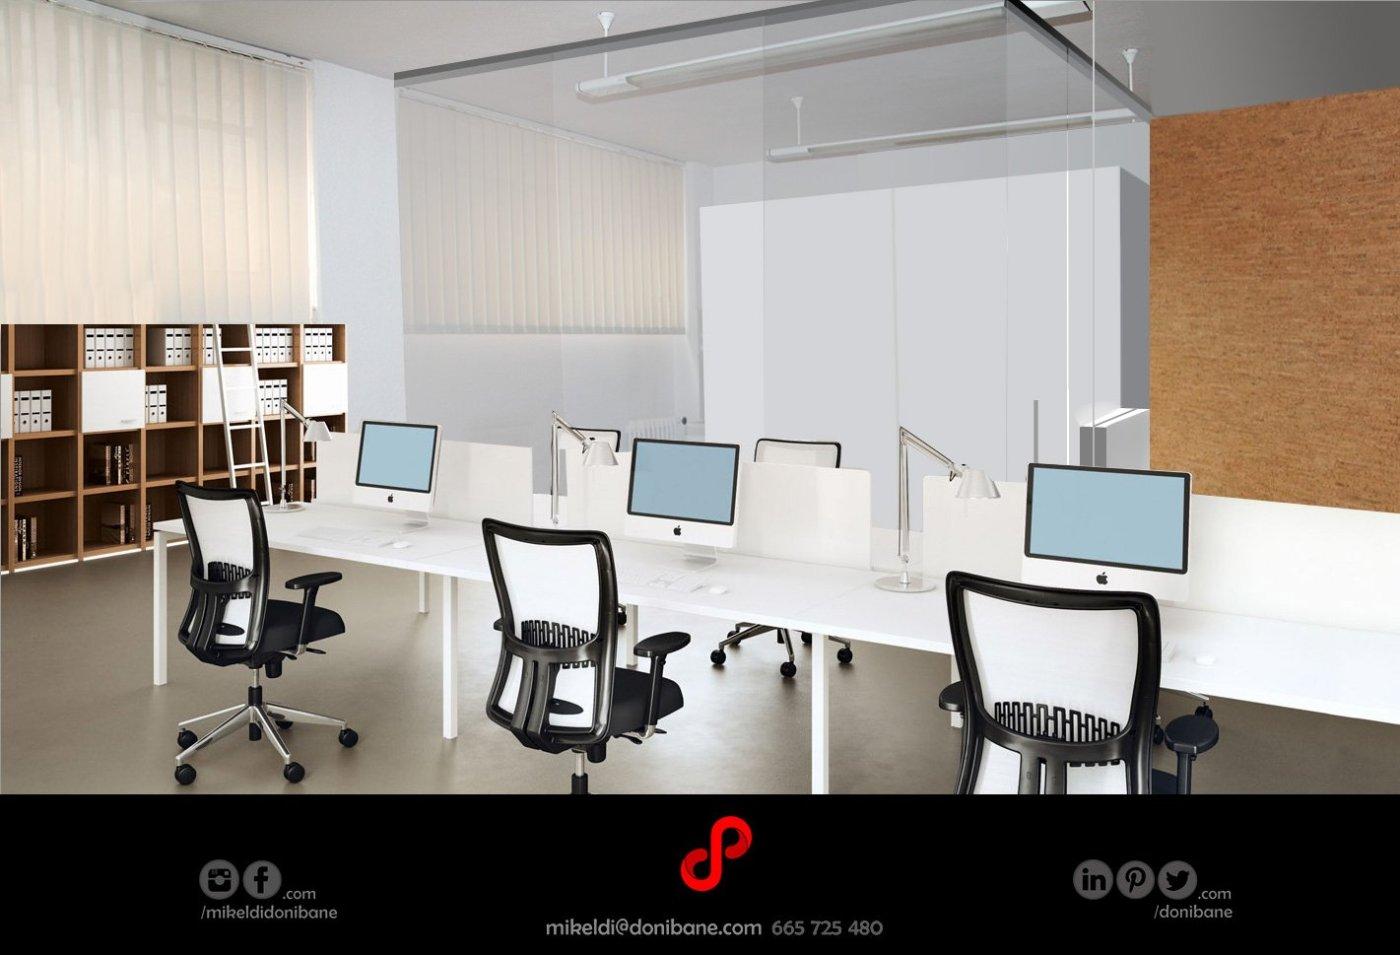 Estudio Creativo Donibane en Bilbao, fotografía, vídeo, ilustración y diseño